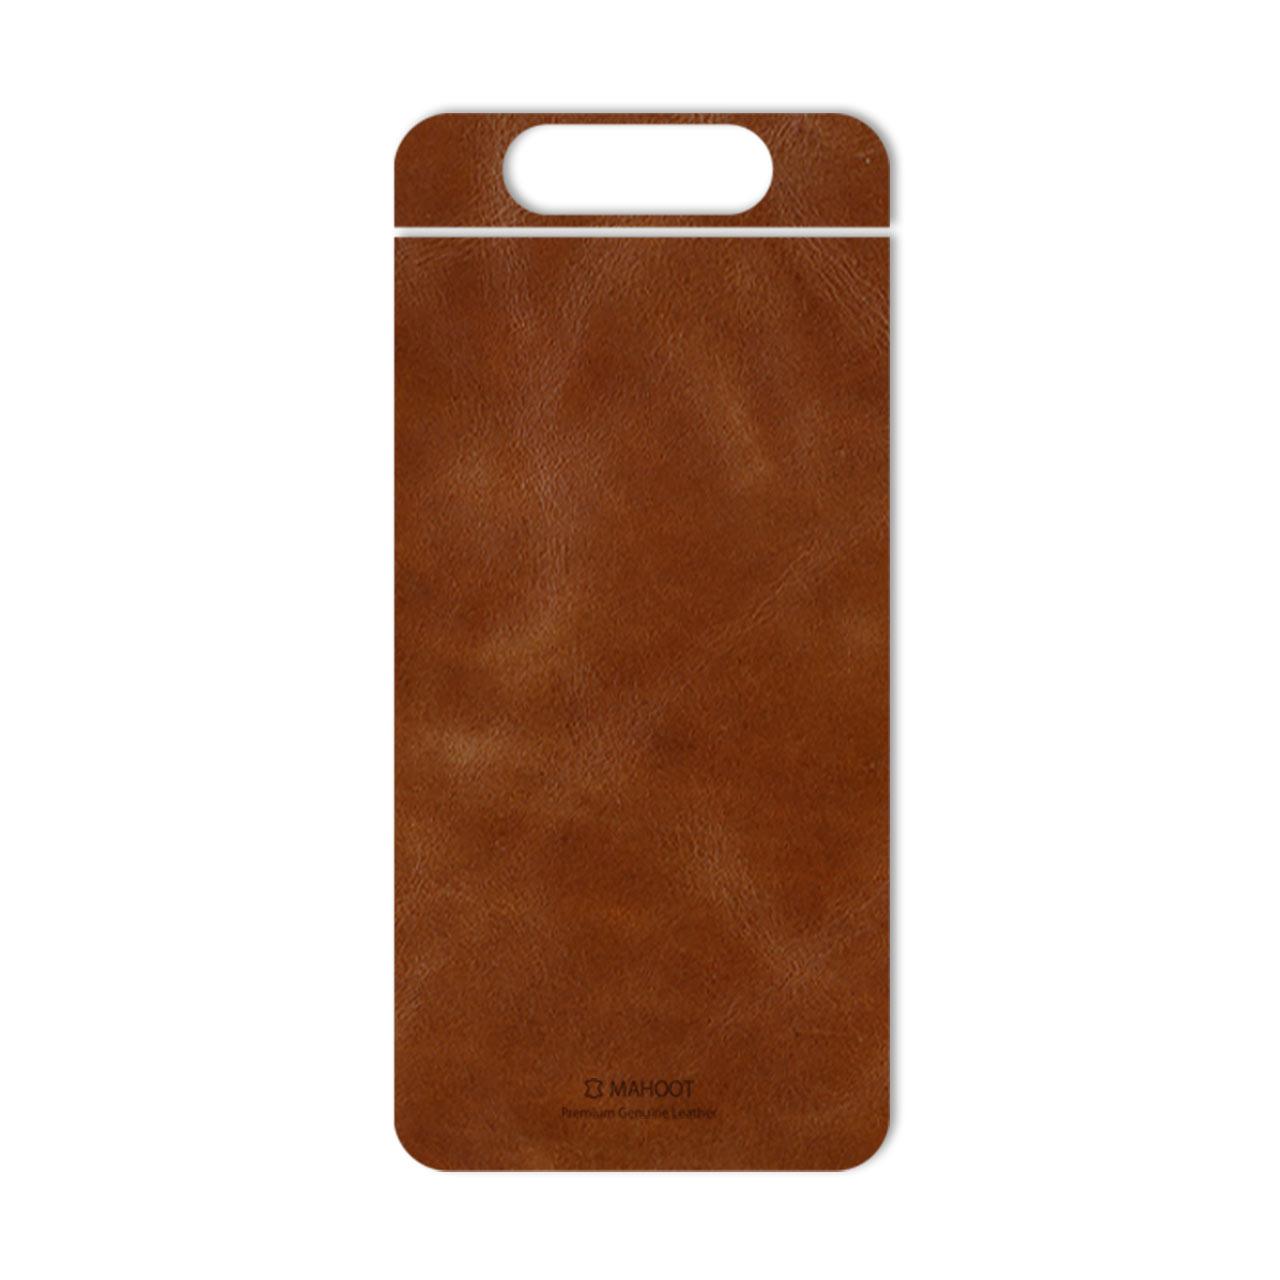 برچسب پوششی ماهوت مدل Buffalo Leather مناسب برای گوشی موبایل سامسونگ Galaxy A80